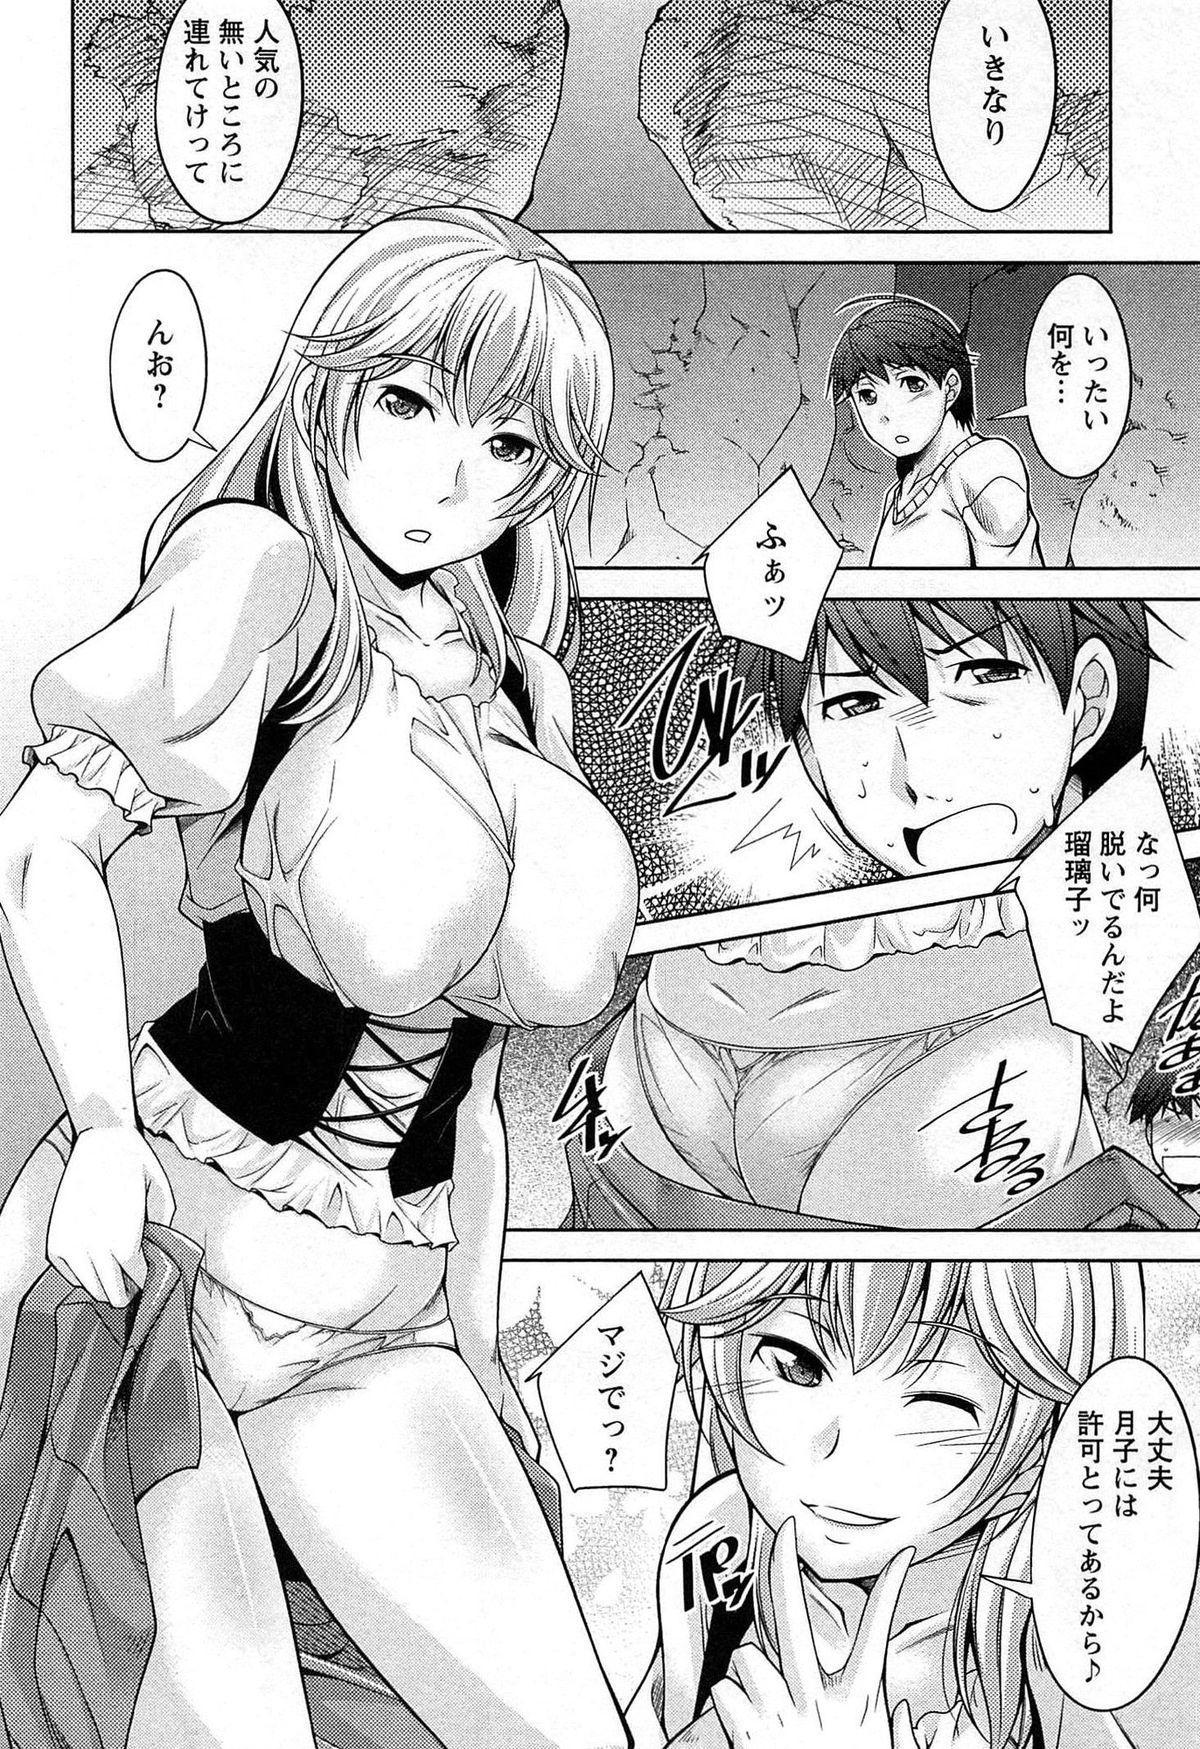 [zen9] Tsuki-wo Ai-Shite - Tsuki-ni Koi-shite 2 70